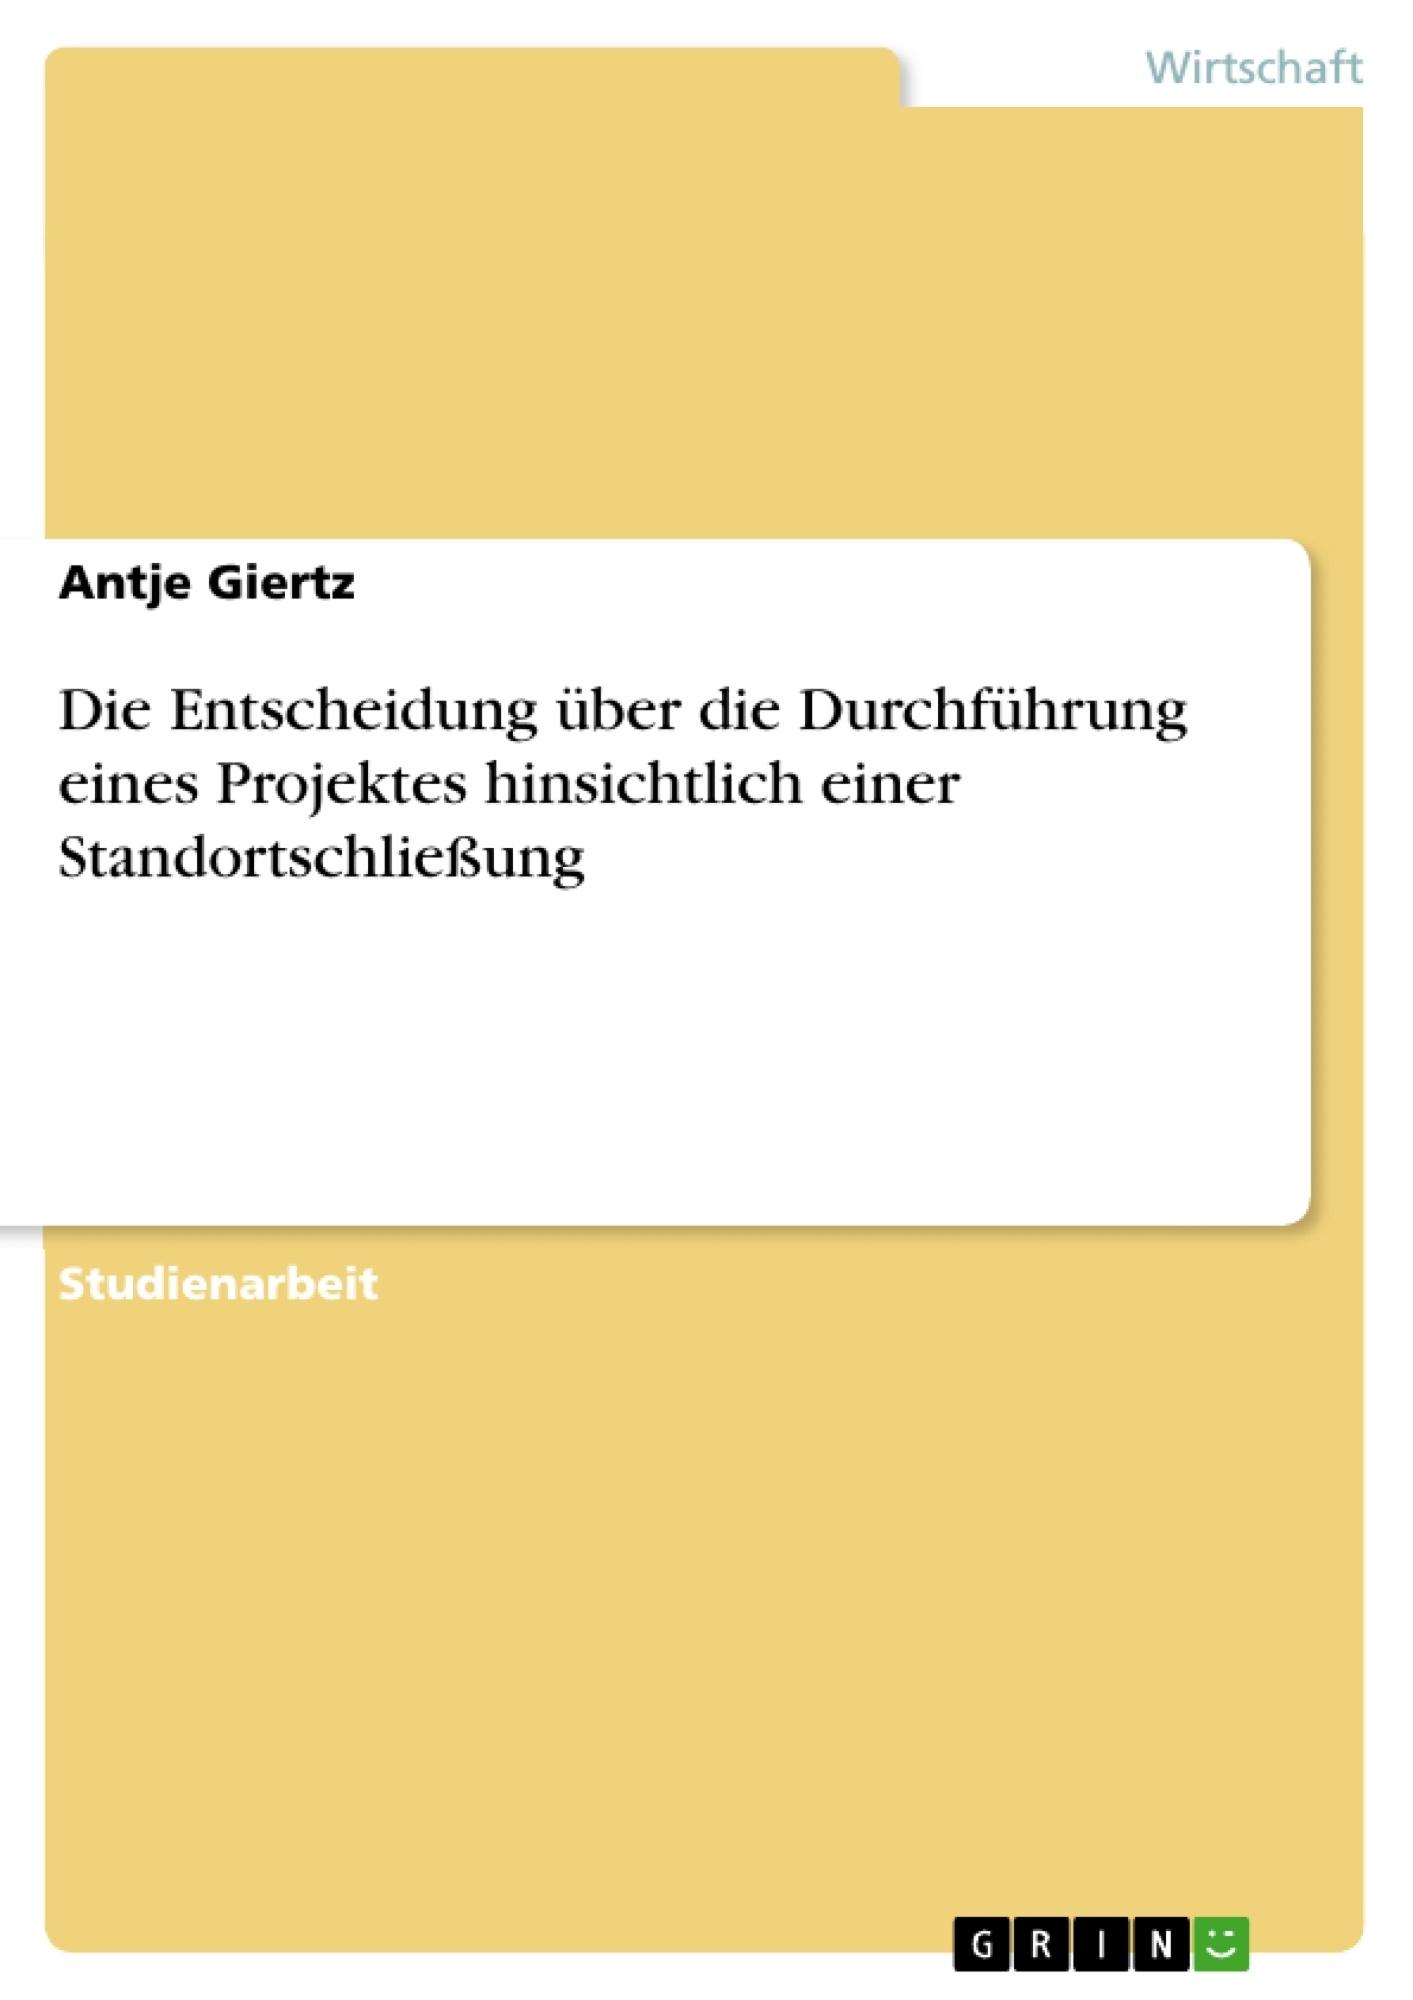 Titel: Die Entscheidung über die Durchführung eines Projektes hinsichtlich einer Standortschließung